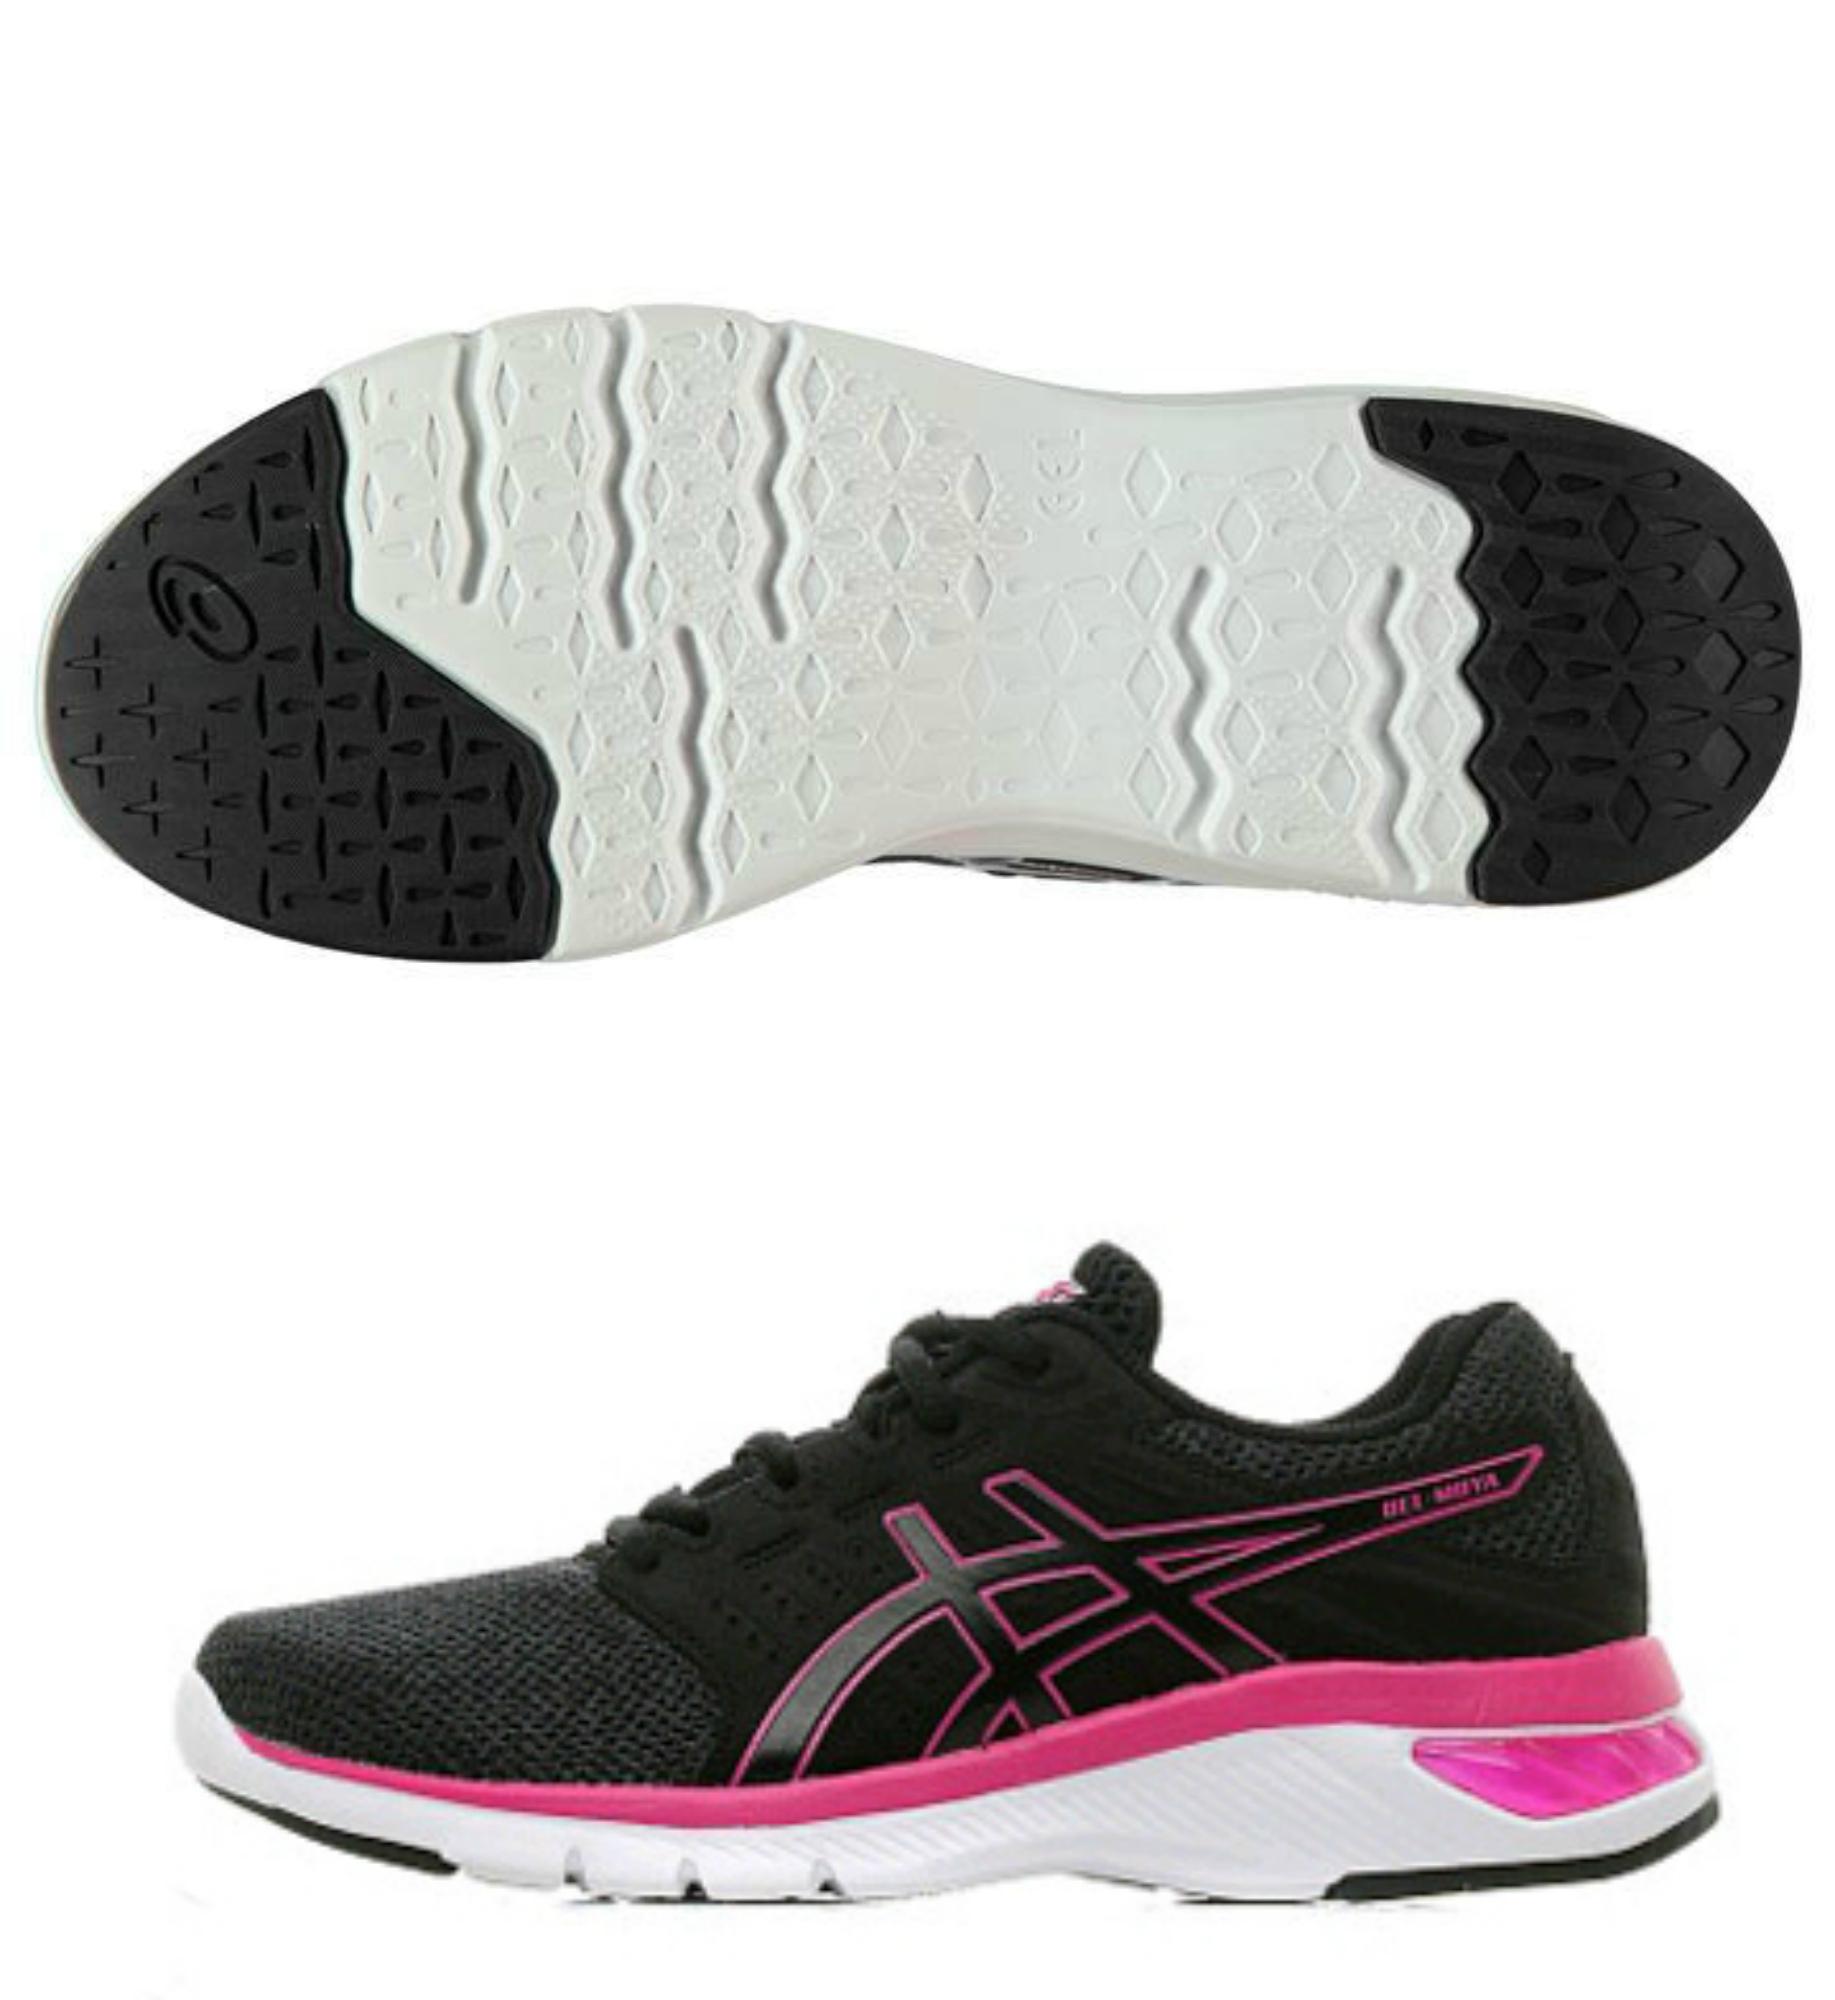 699c121b Женские беговые кроссовки ASICS GEL- MOYA MX для бега по асфальту и беговой  дорожке